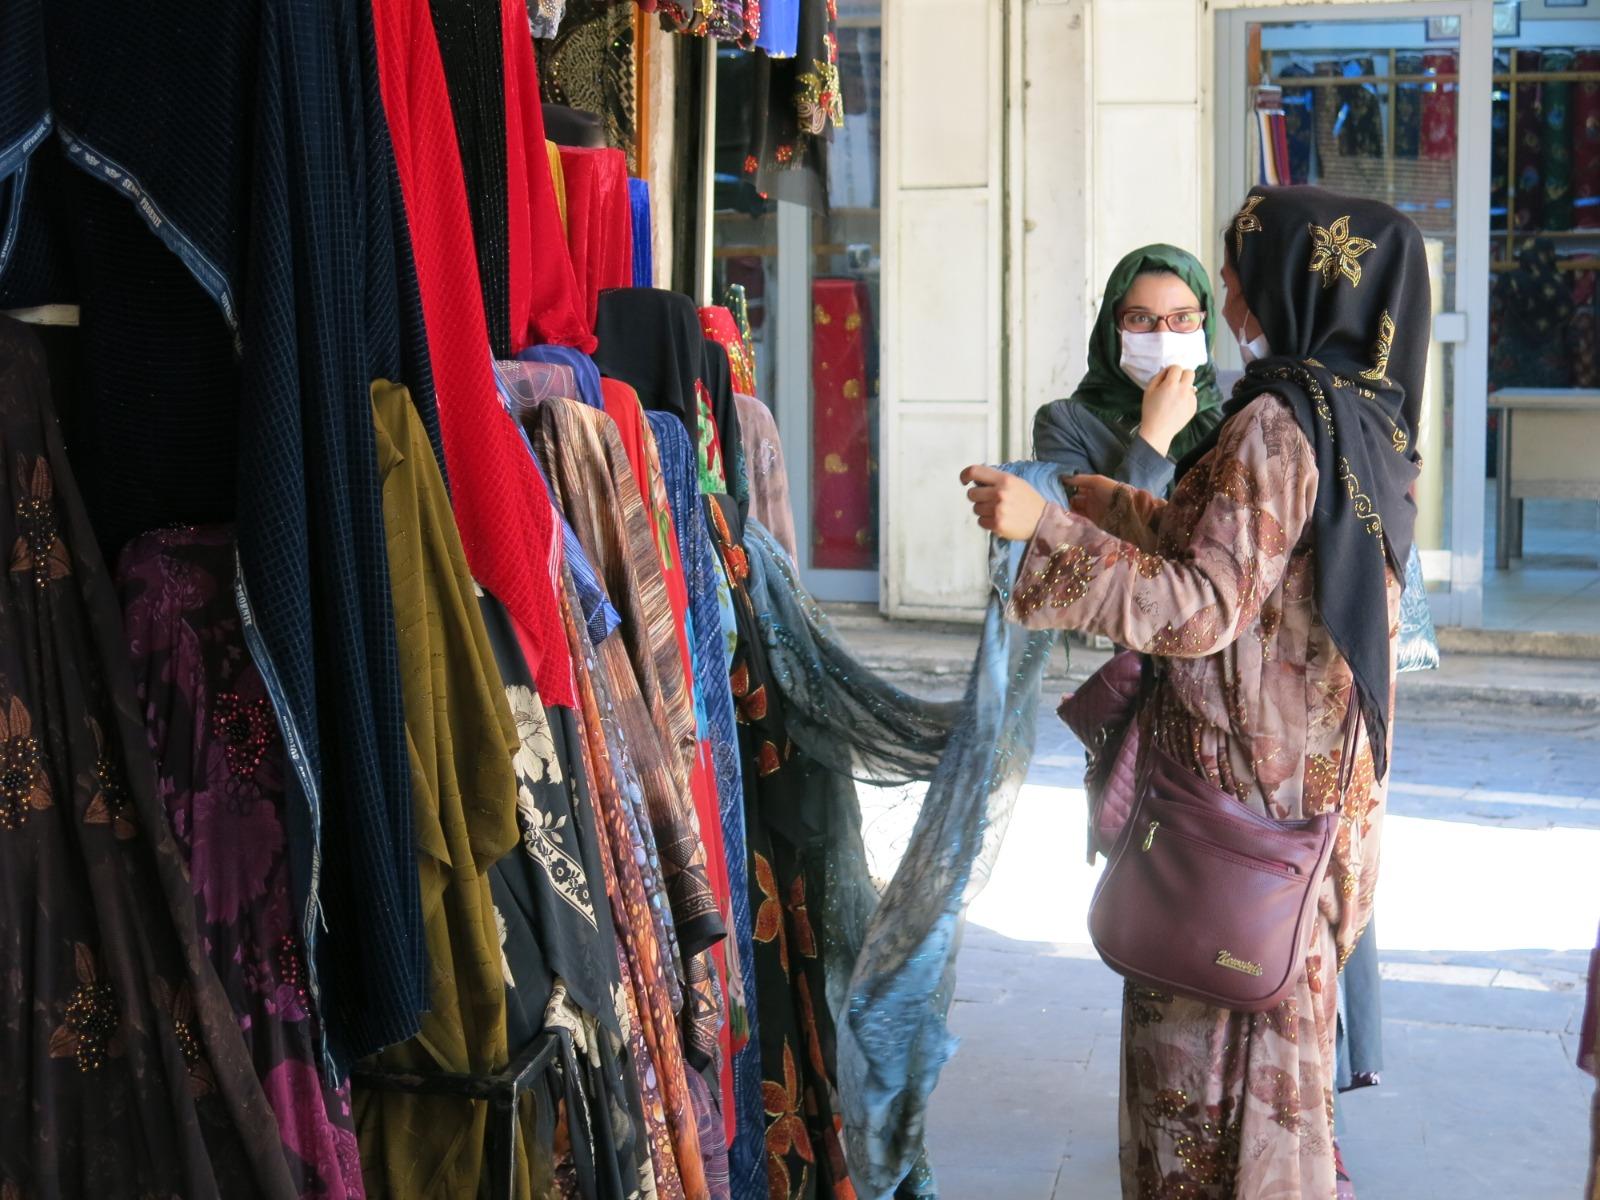 Yöresel kıyafetler yoğun ilgi görüyor